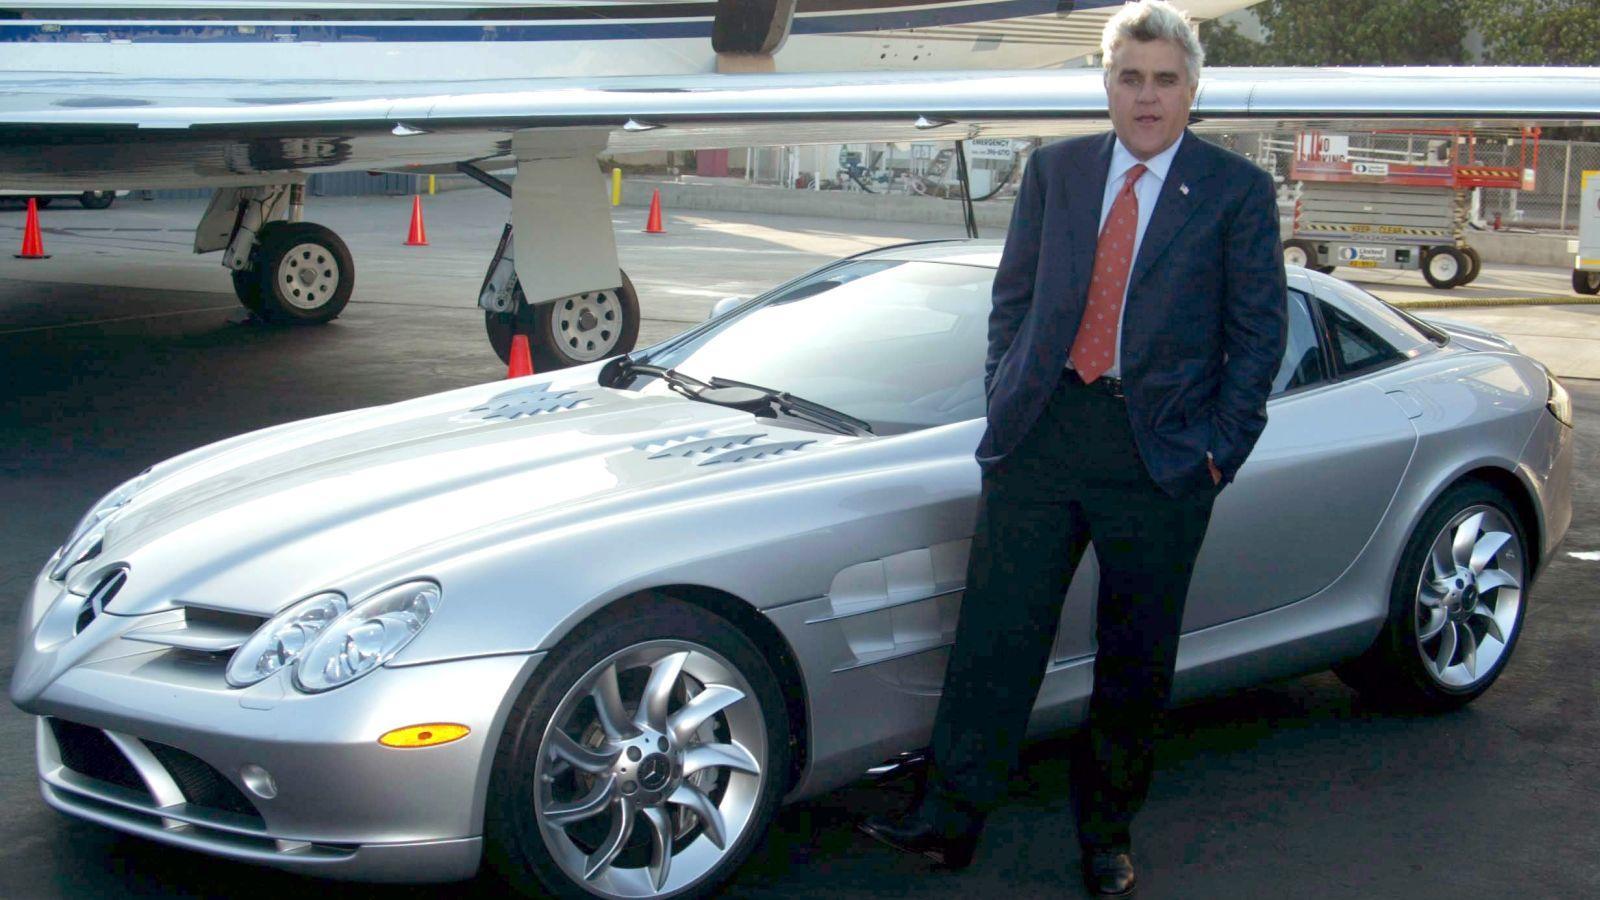 A talkshow nagyágyúról, Jay Lenóról köztudott, gyűjti az autókat, így nem maradhat ki a listáról. Kollekciójának egyik ékköve egy Mercedes SLR McLaren – nem egy klasszikus darab, de az egyik leggyorsabb és legkomfortosabb sportkocsi a piacon, nem mellesleg félmillió dollárt kóstál. A Leno-garázsban amúgy akad még MacLaren P1 és Forma-1-es darab, vagy egy Jaguar XK120M, valamint egy Bugatti Type 57 Atlantic SC, amiből állítólag két működő darabot gyártottak a világon! (Peter Brooker/Shutterstock)